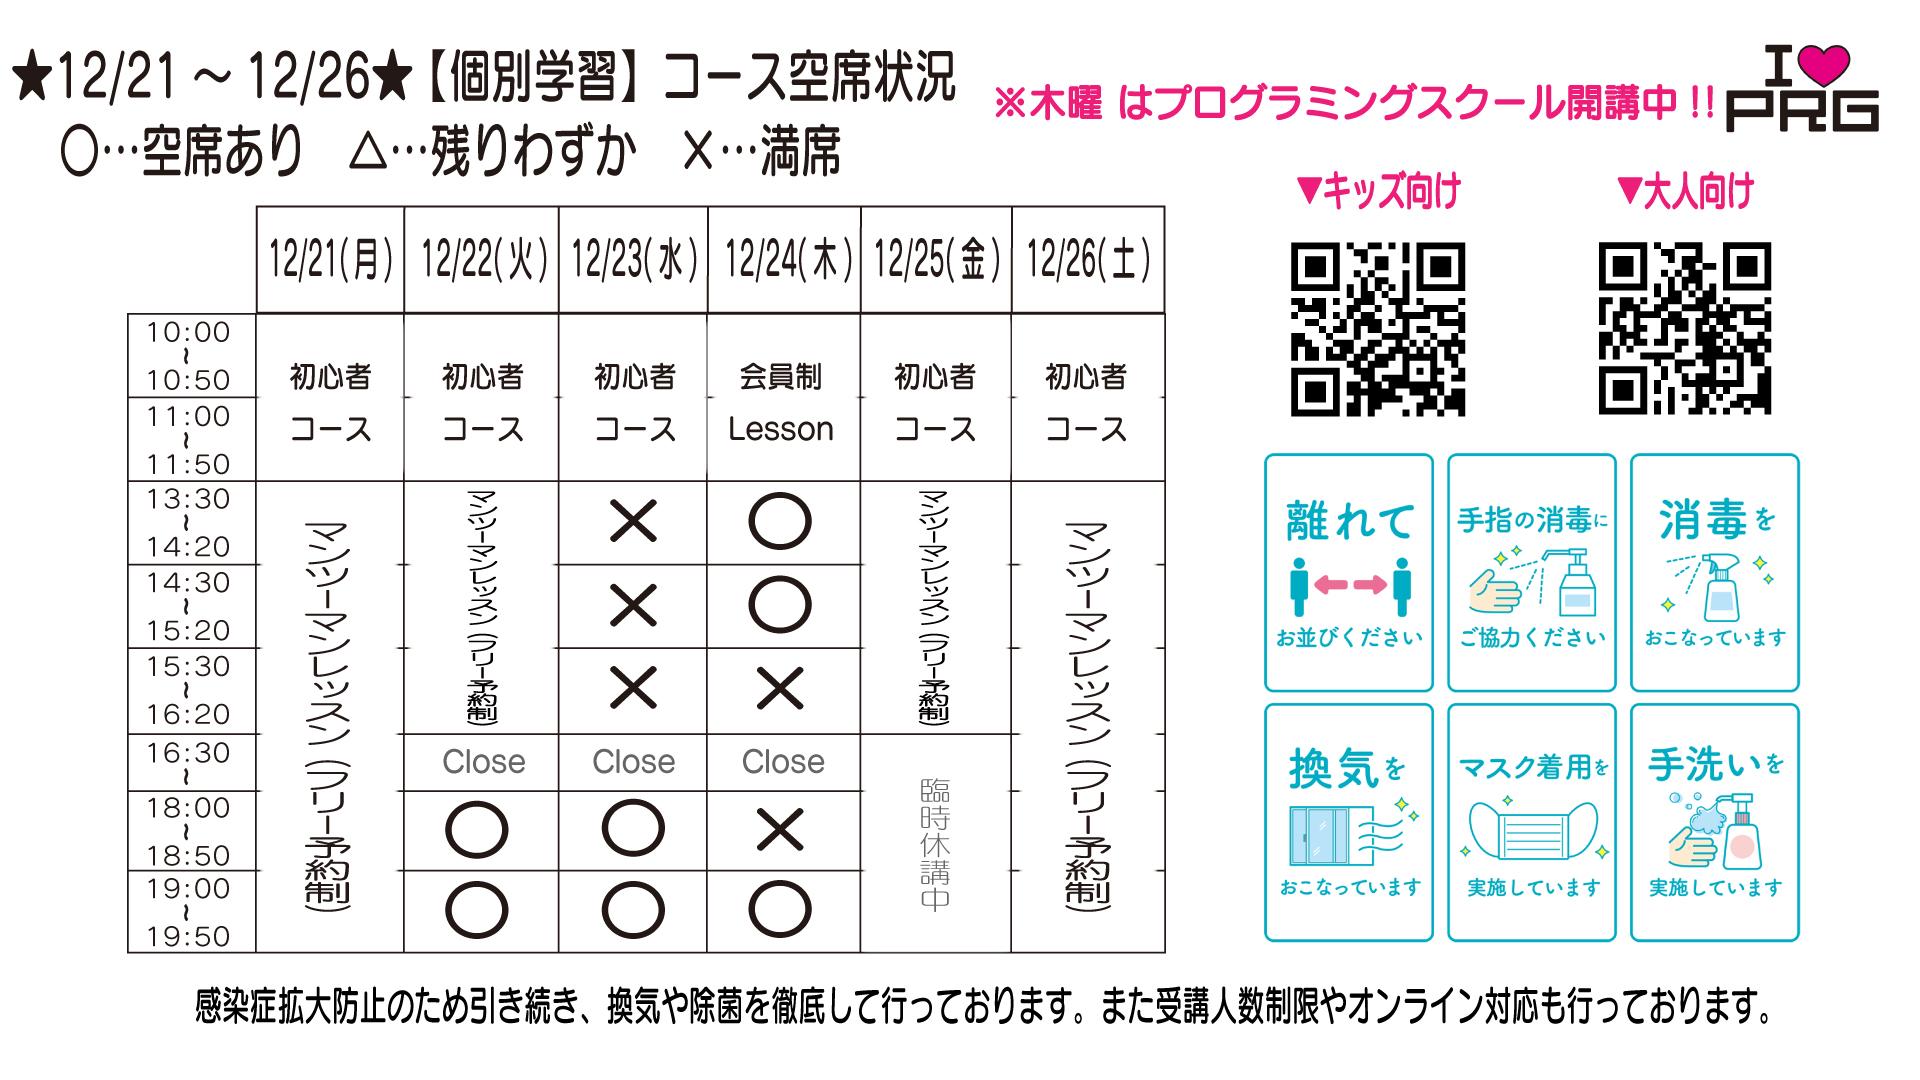 202012_オンライン_TIME